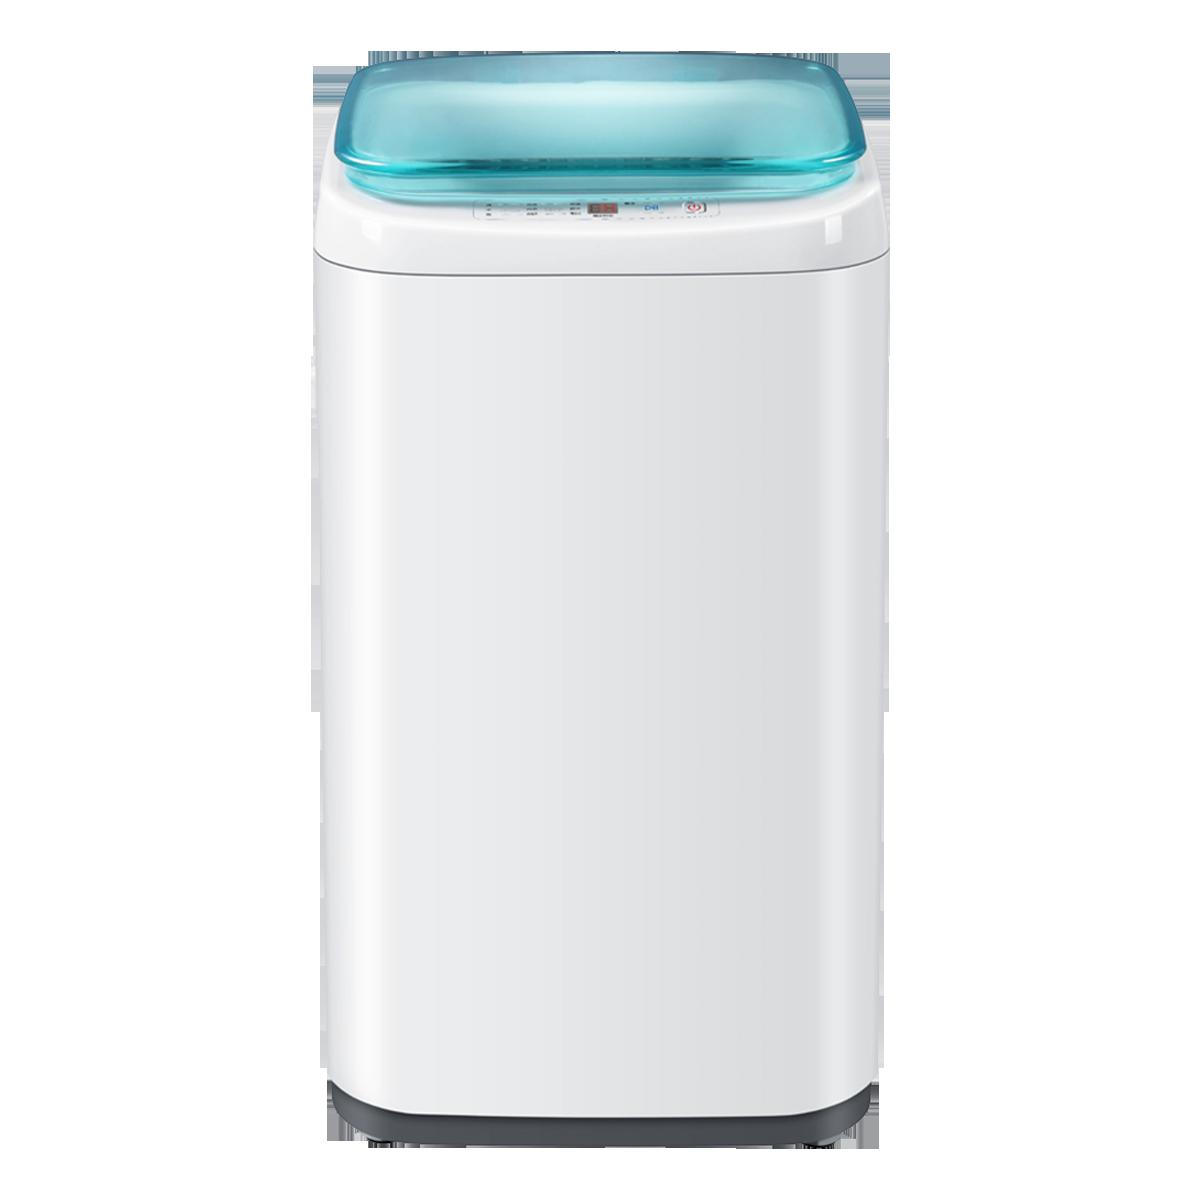 海尔Haier洗衣机 XQBM20-3688 说明书